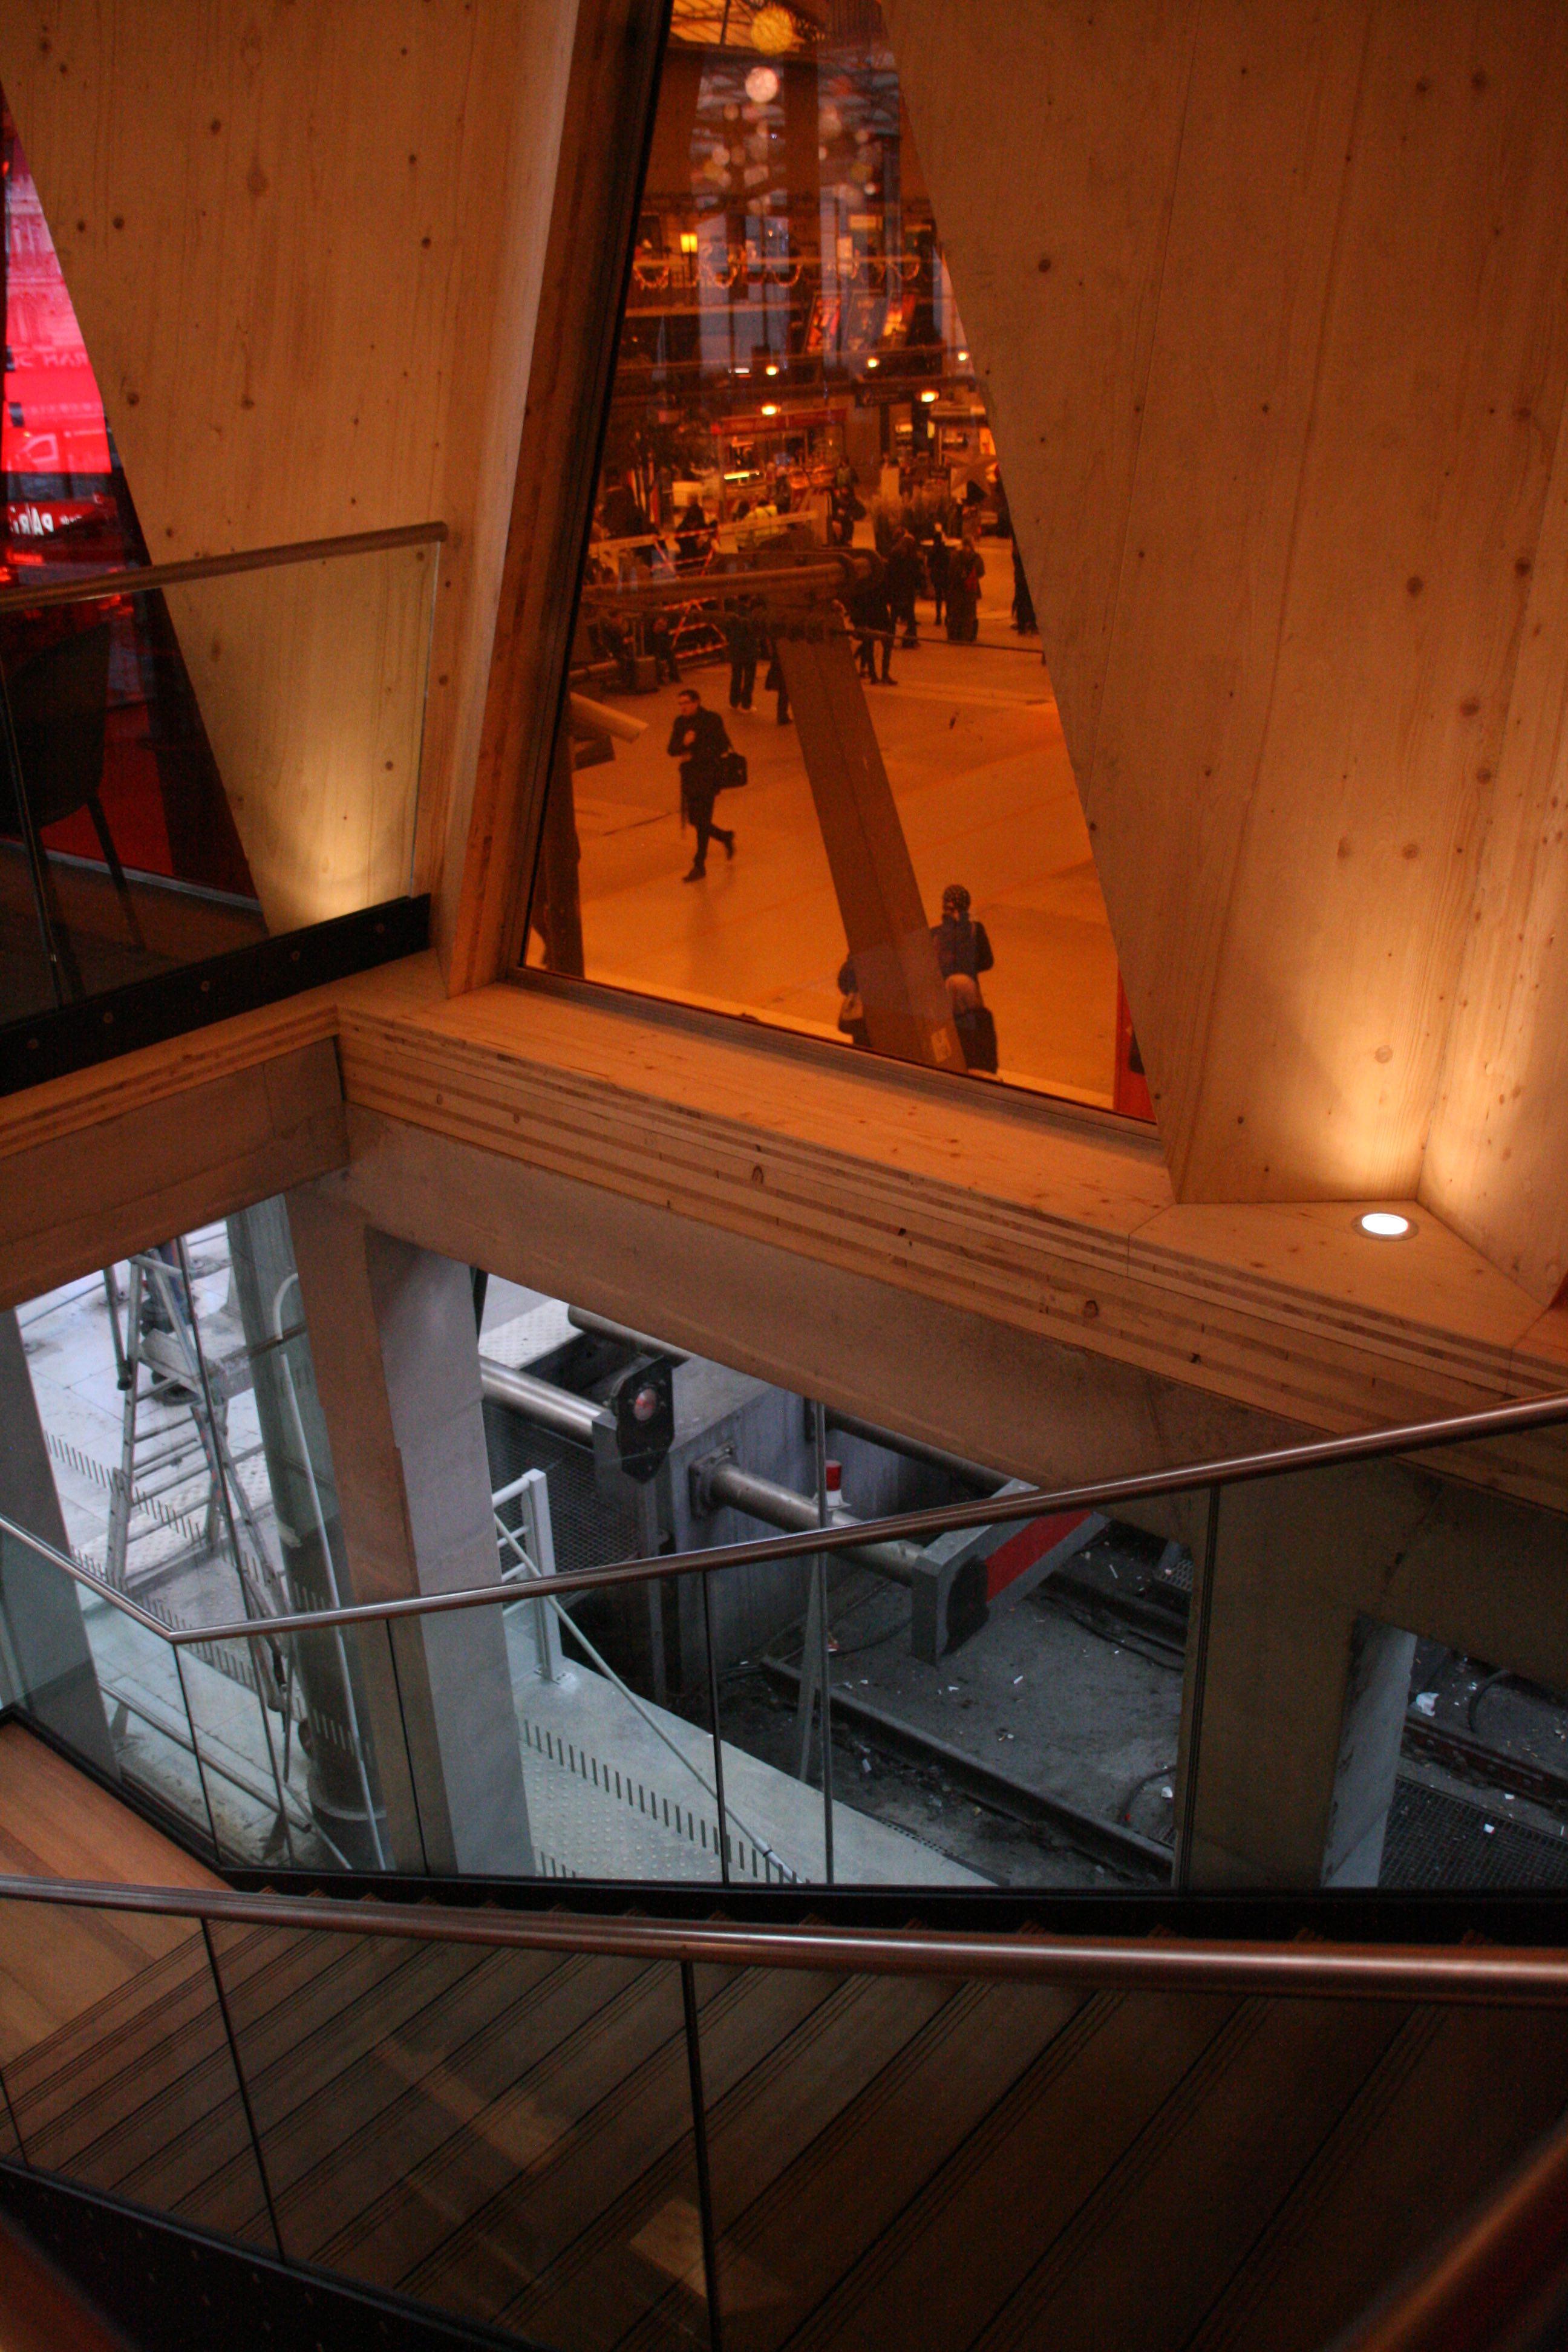 b2 etoile du nord un restaurant populaire gare du nord paris nvbcom. Black Bedroom Furniture Sets. Home Design Ideas